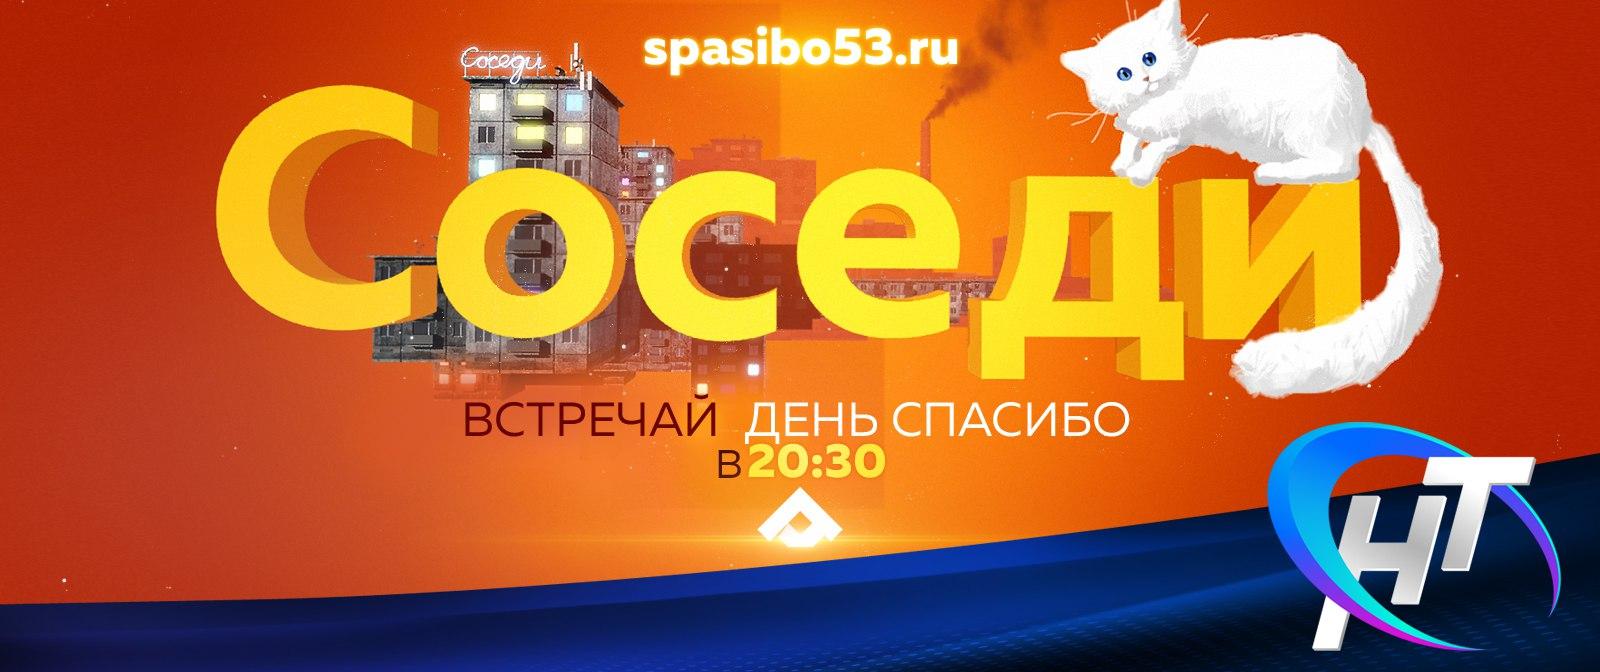 Сегодня вечером в 20:30 в «Соседях» выйдет специальный выпуск, посвященный областному флешбому «Спасибо 53» spasibo53.